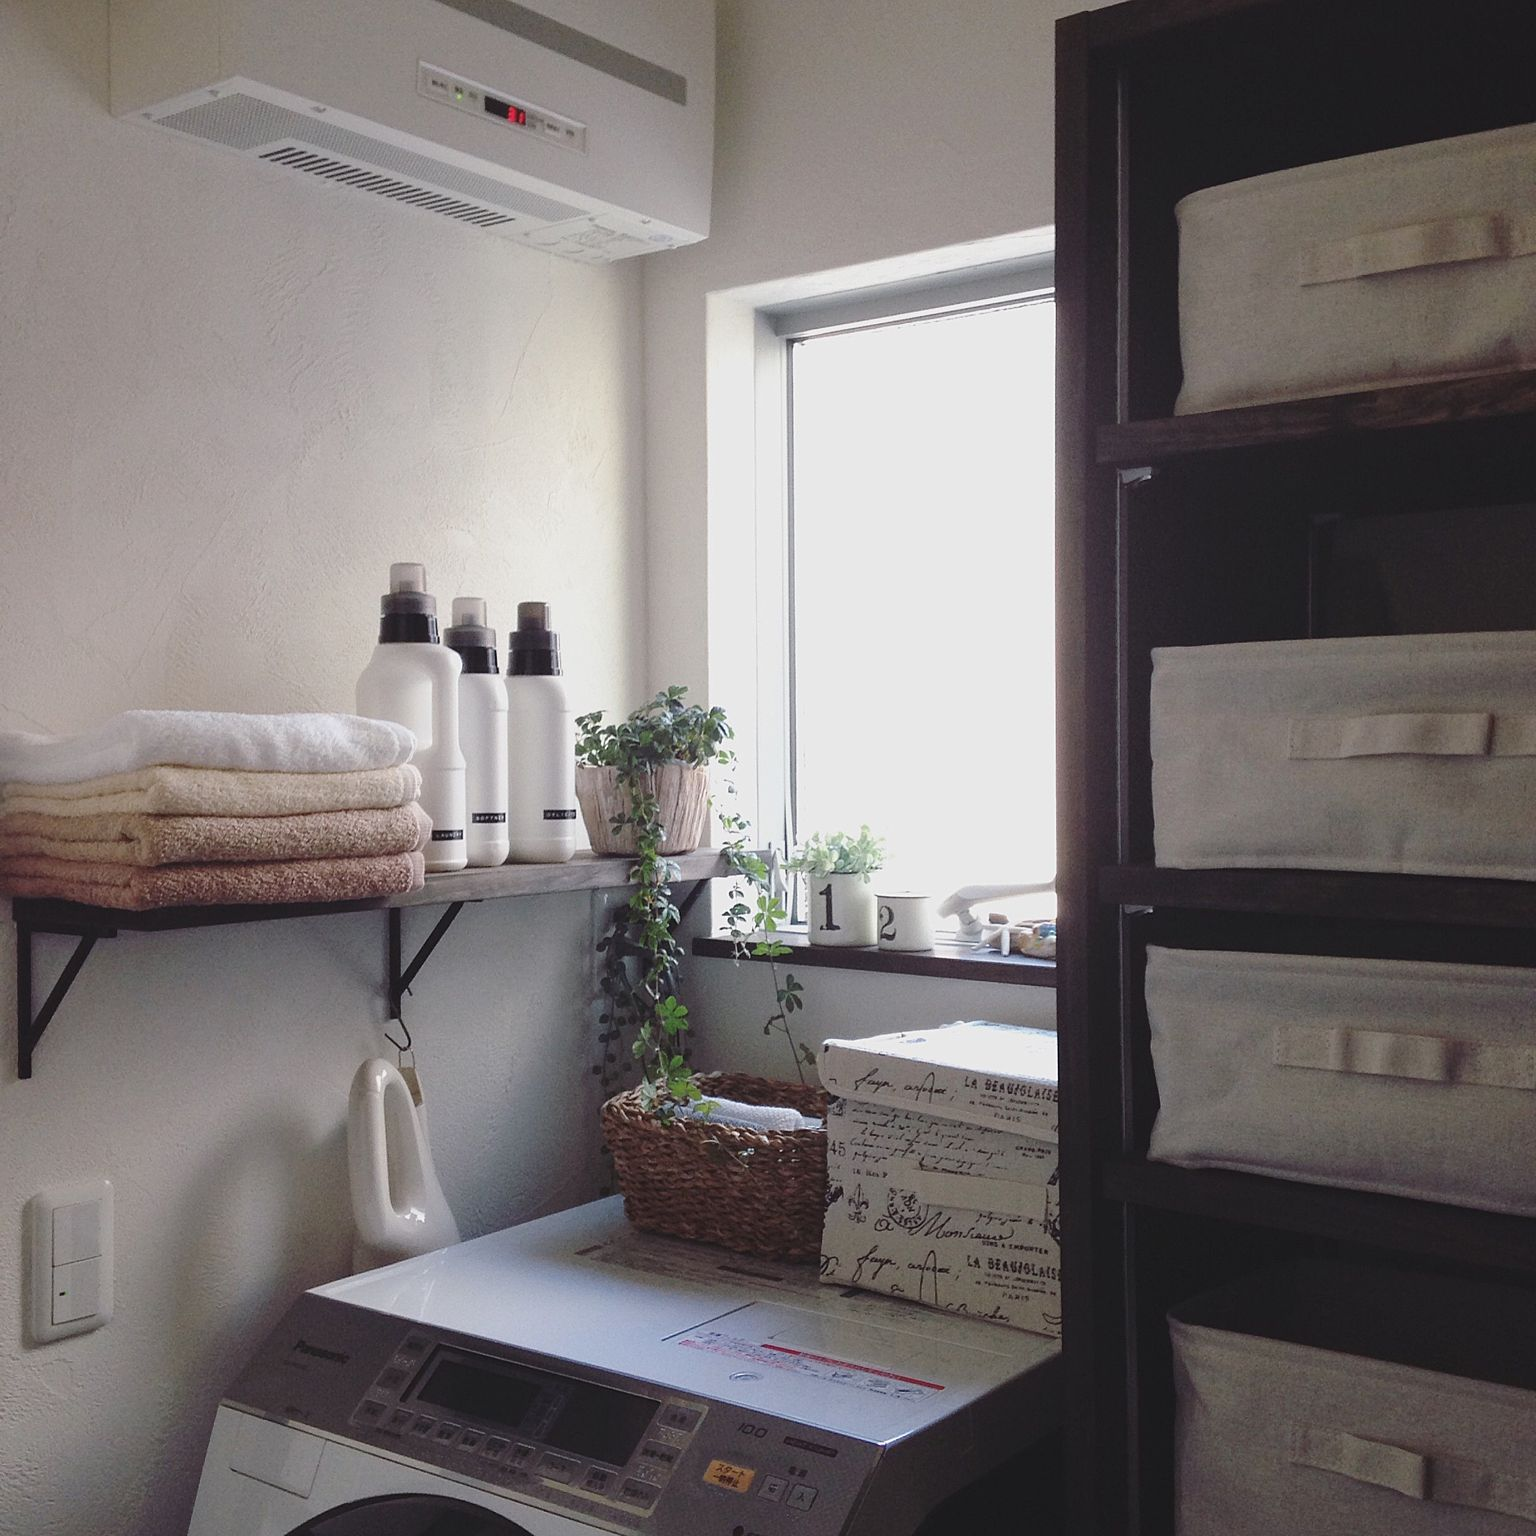 棚を使用した収納例3